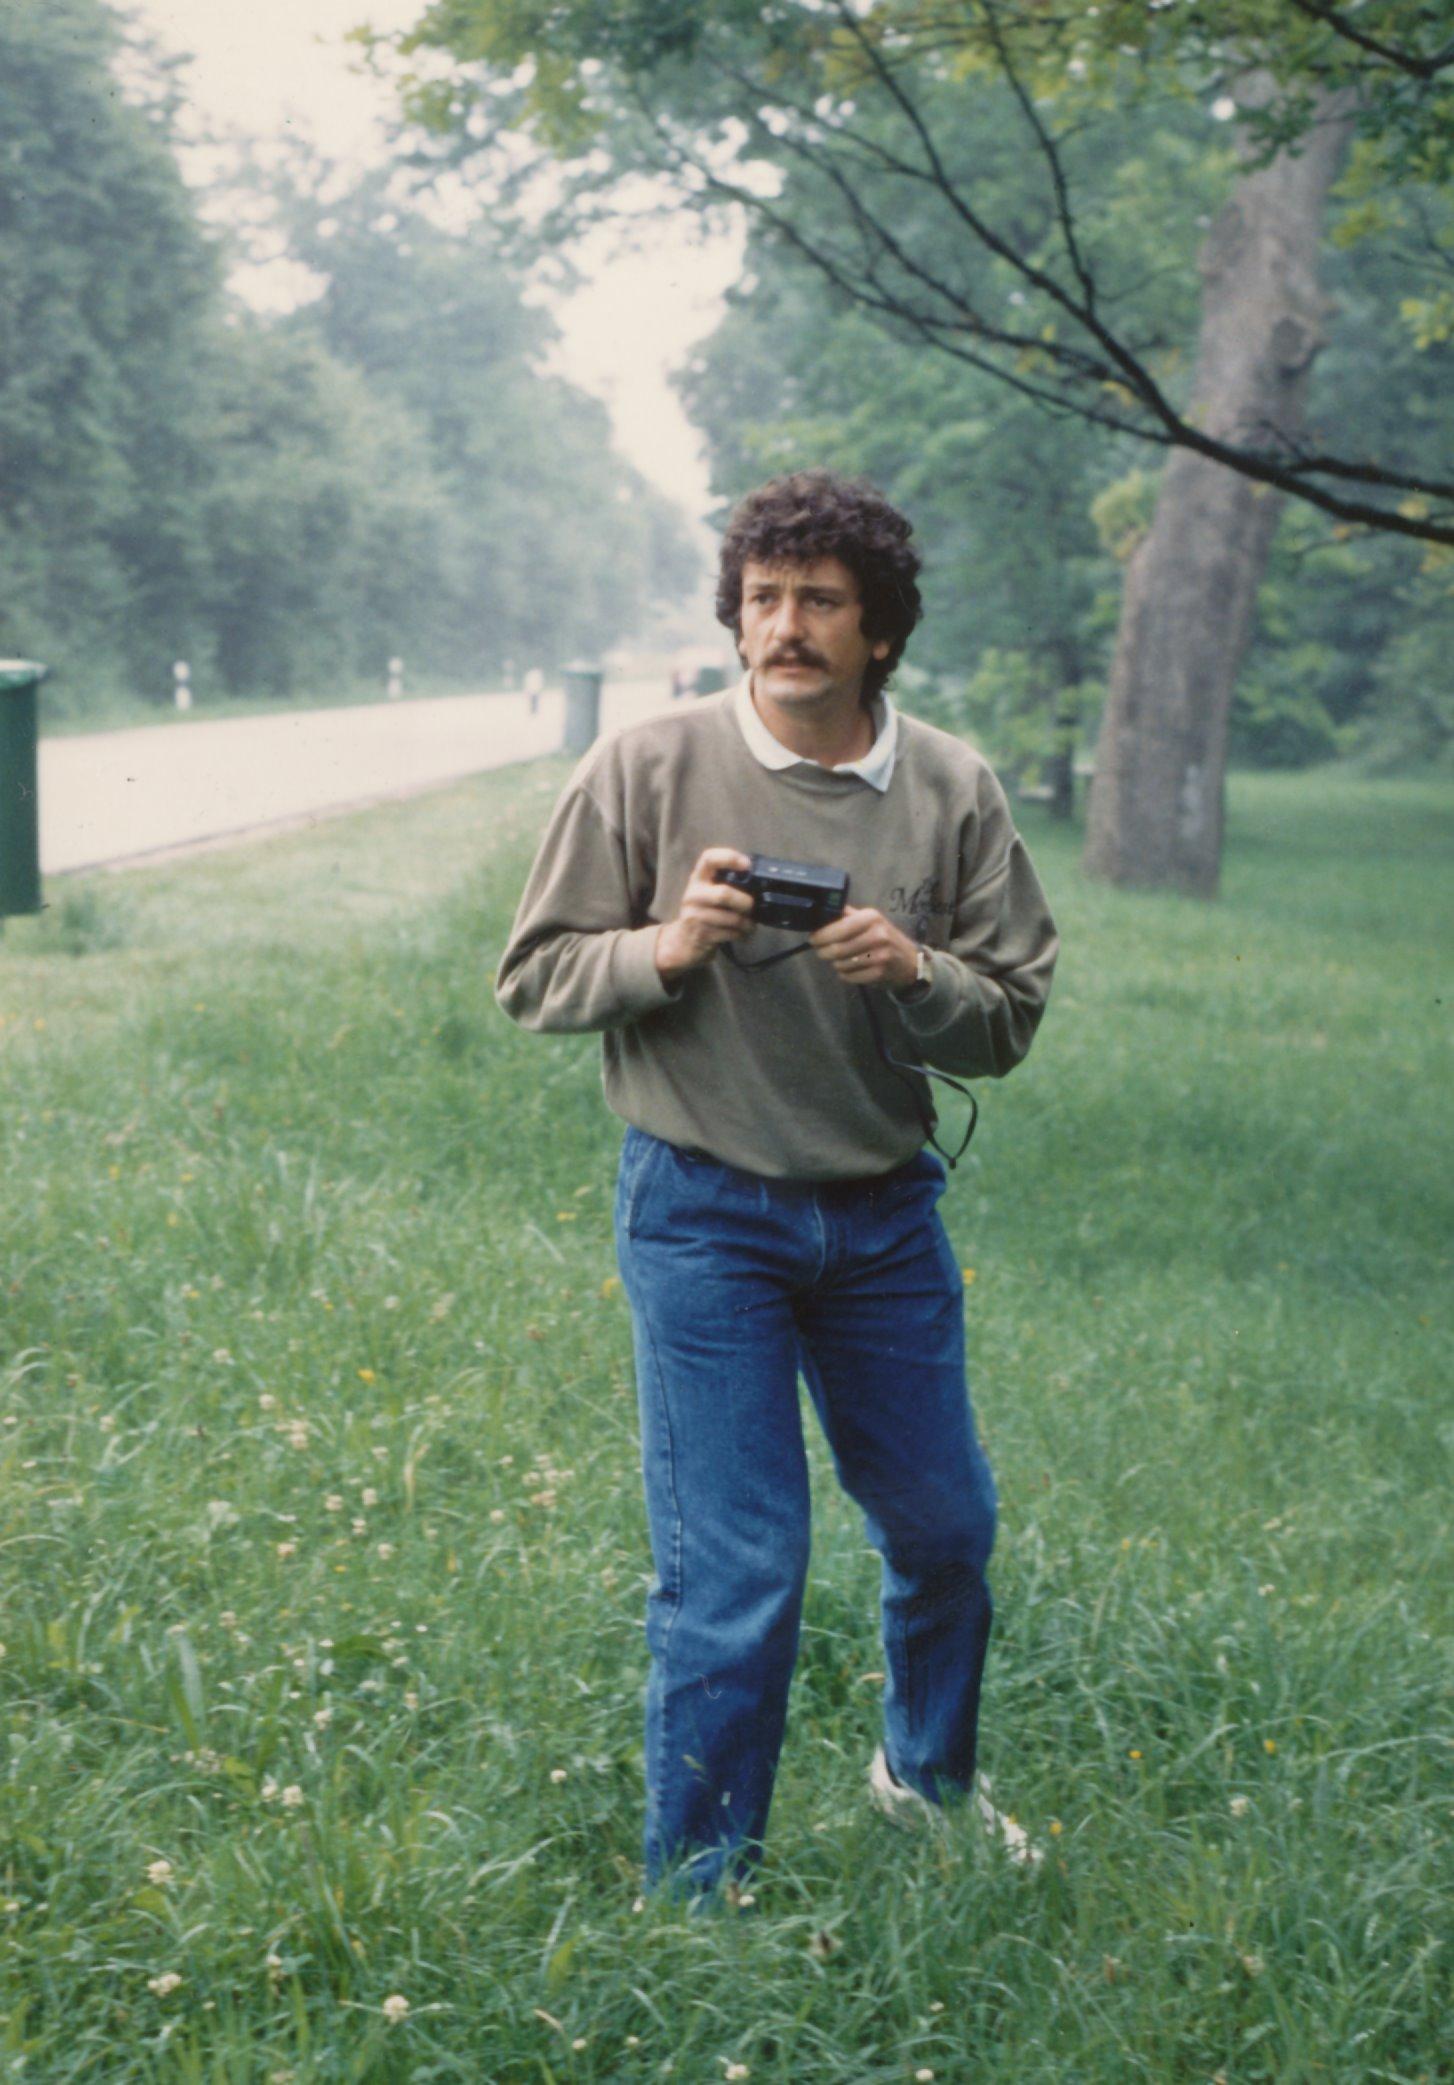 Archives anciens élèves mfr puy-sec 1989 Philippe BERNARD Moniteur